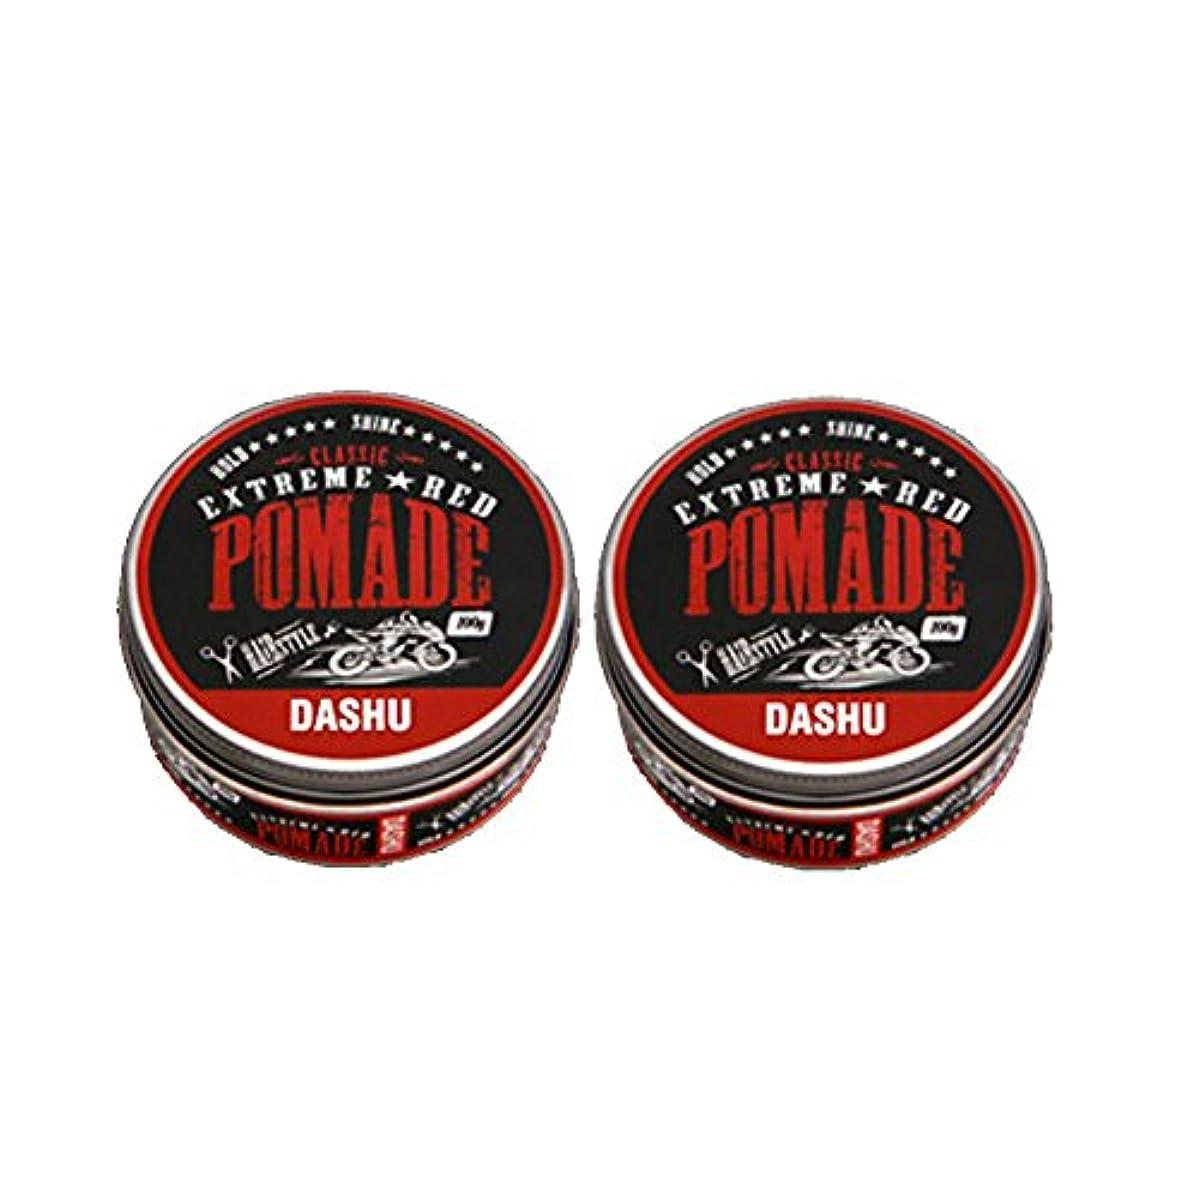 差別化する役立つじゃがいも(2個セット) x [DASHU] ダシュ クラシックエクストリームレッドポマード Classic Extreme Red Pomade Hair Wax 100ml / 韓国製 . 韓国直送品